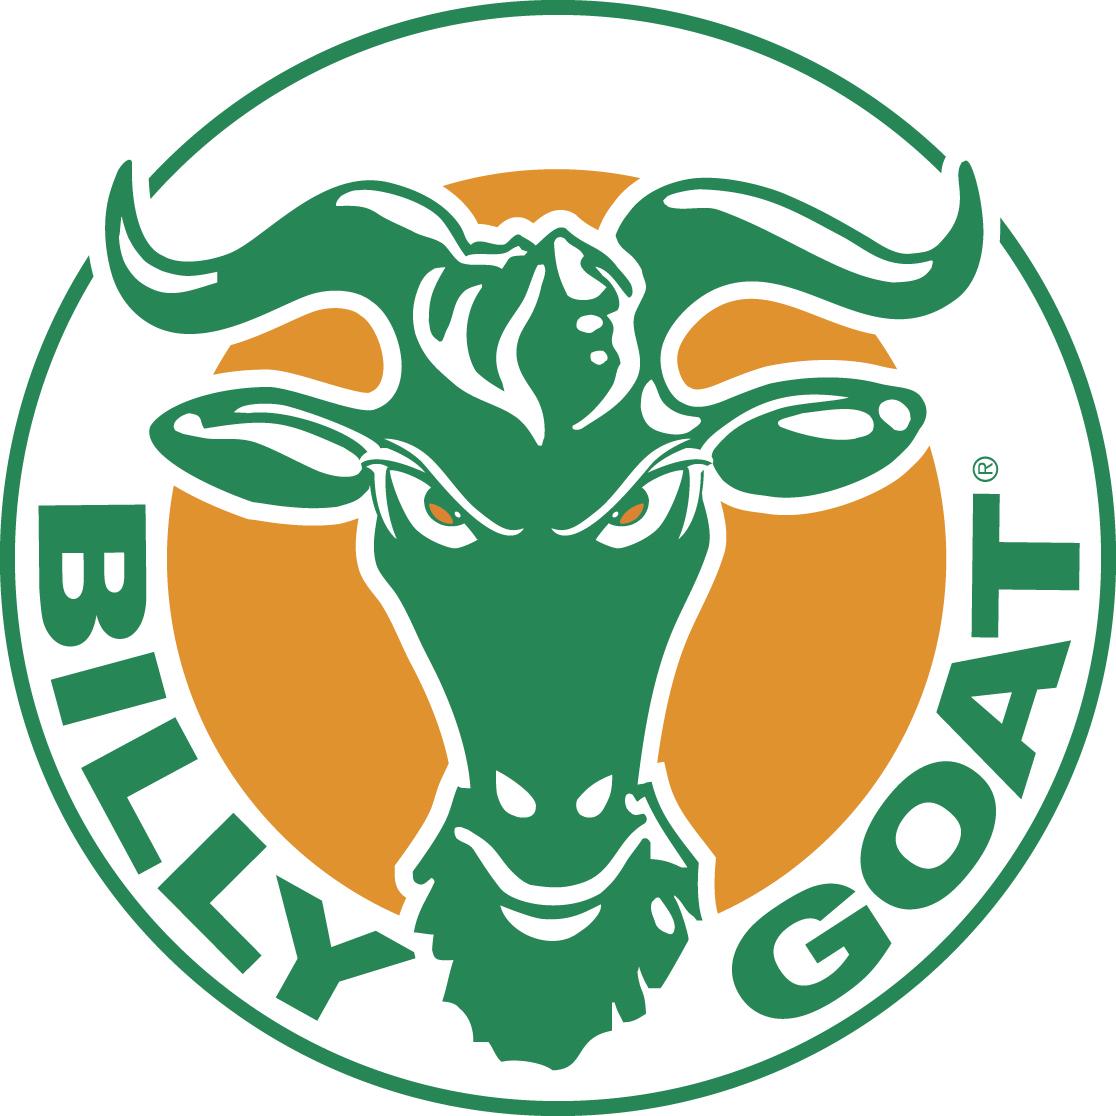 BG Clear logo.jpg